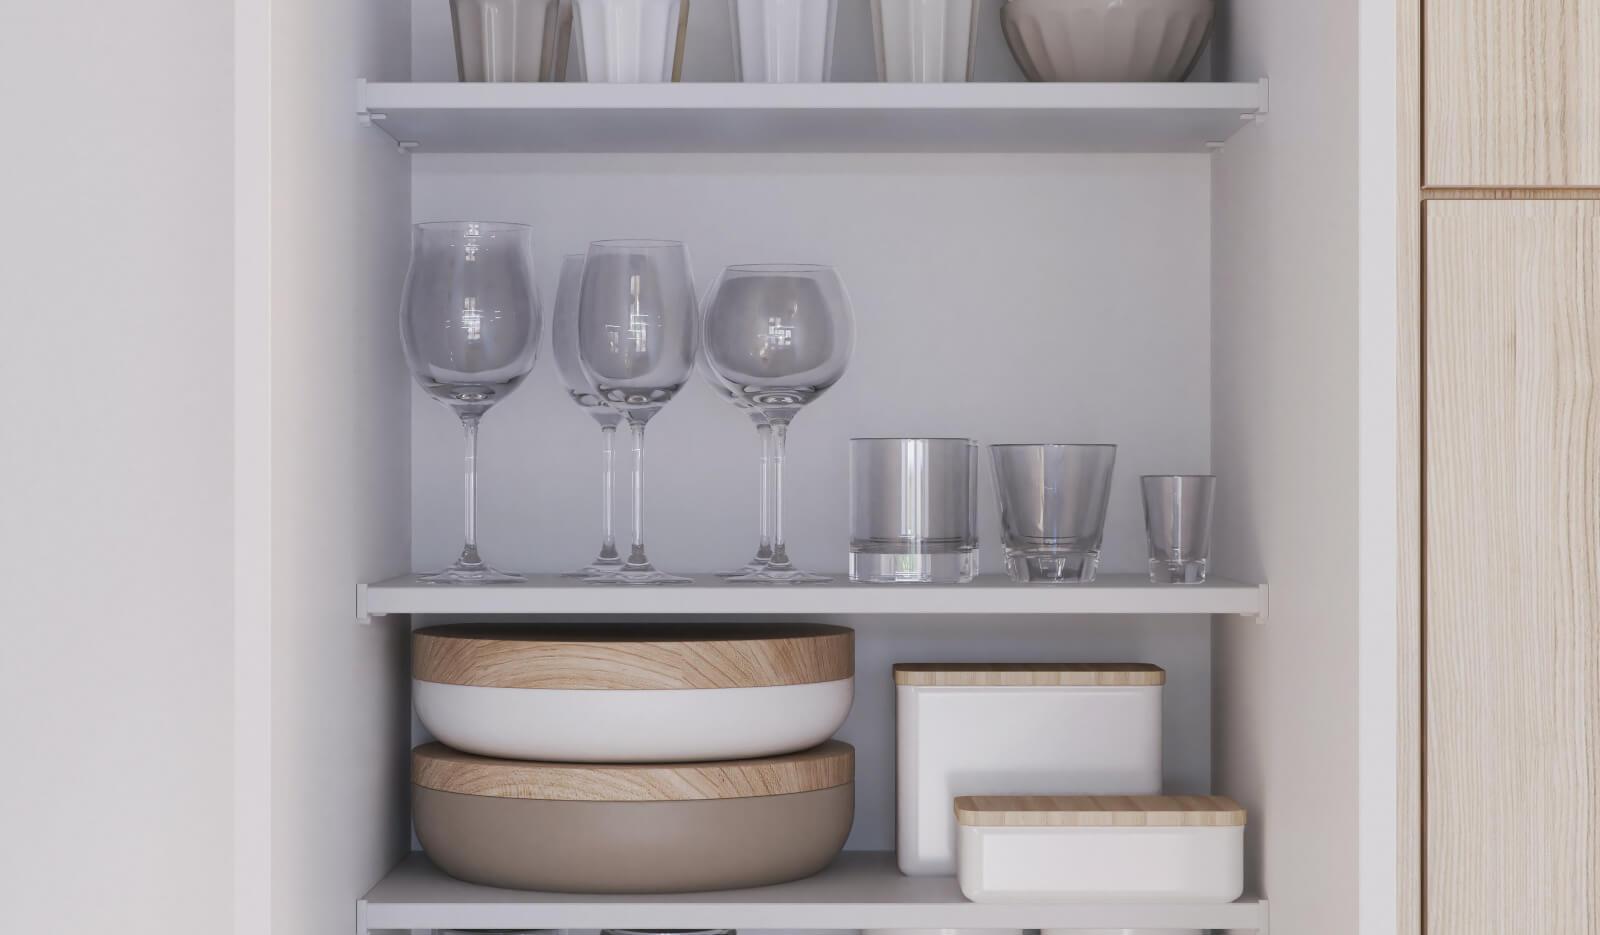 Keuken Atlas wit & acacia - extra opbergruimte